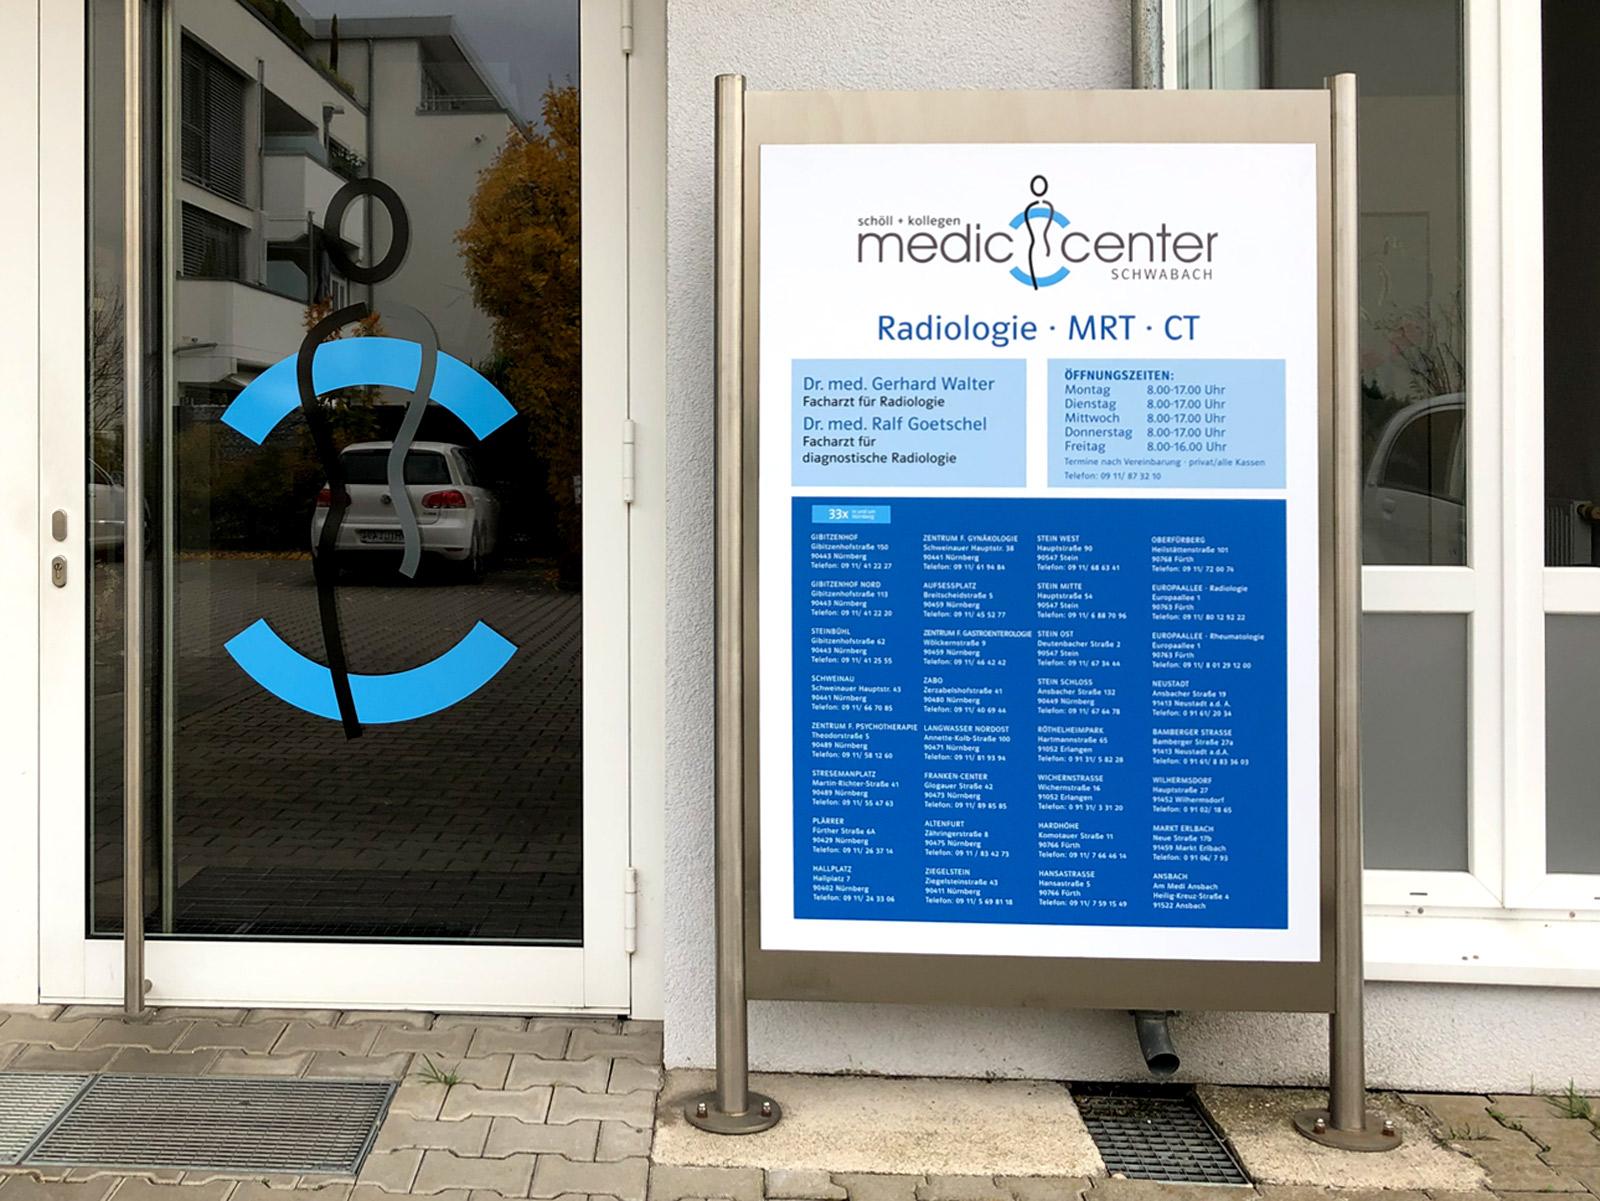 Schild im Eingansbereich eines Medic Centers